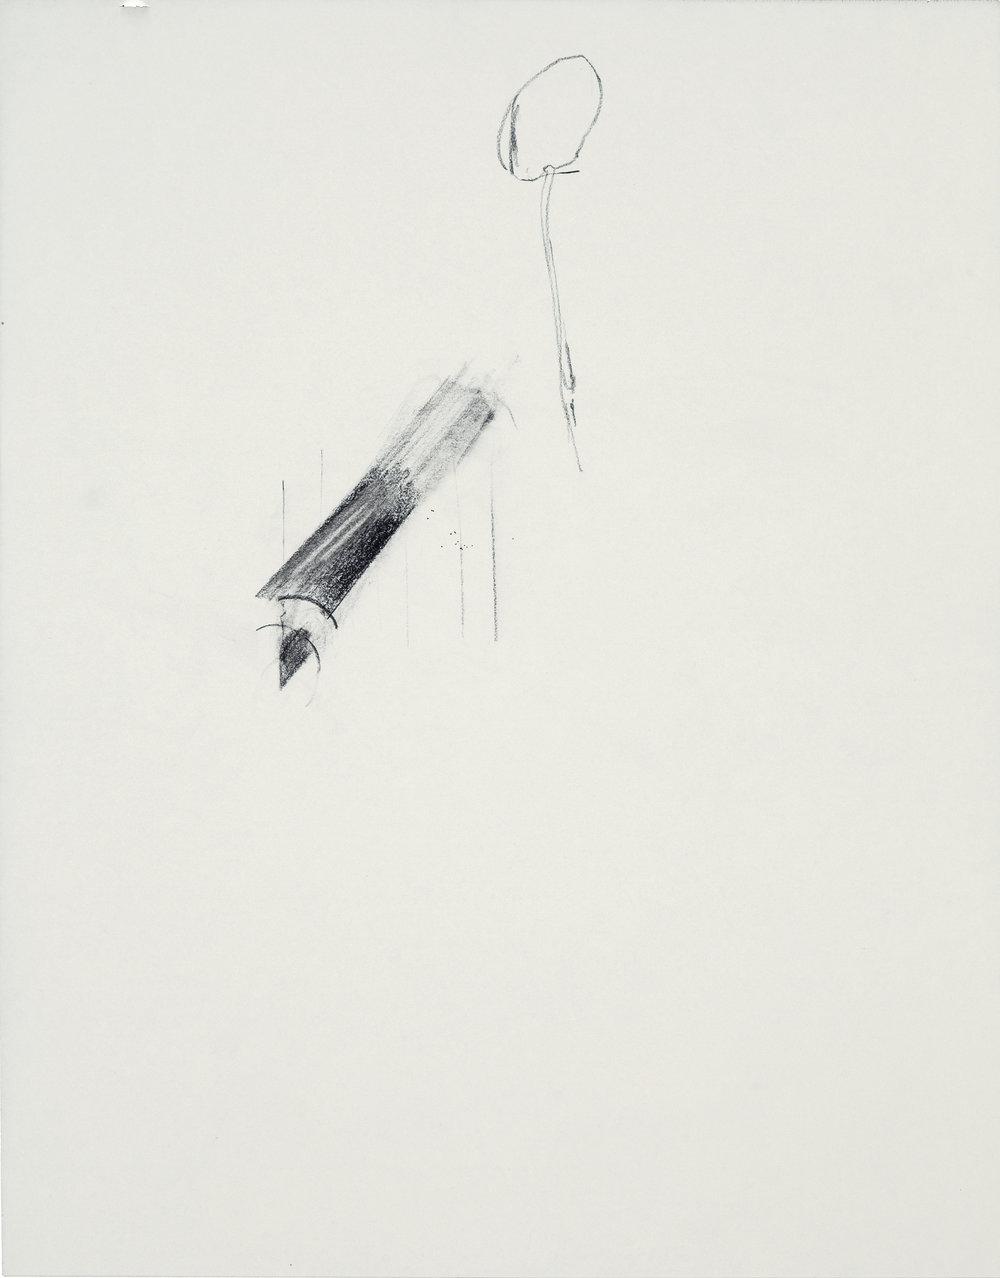 pencilcrop.jpg